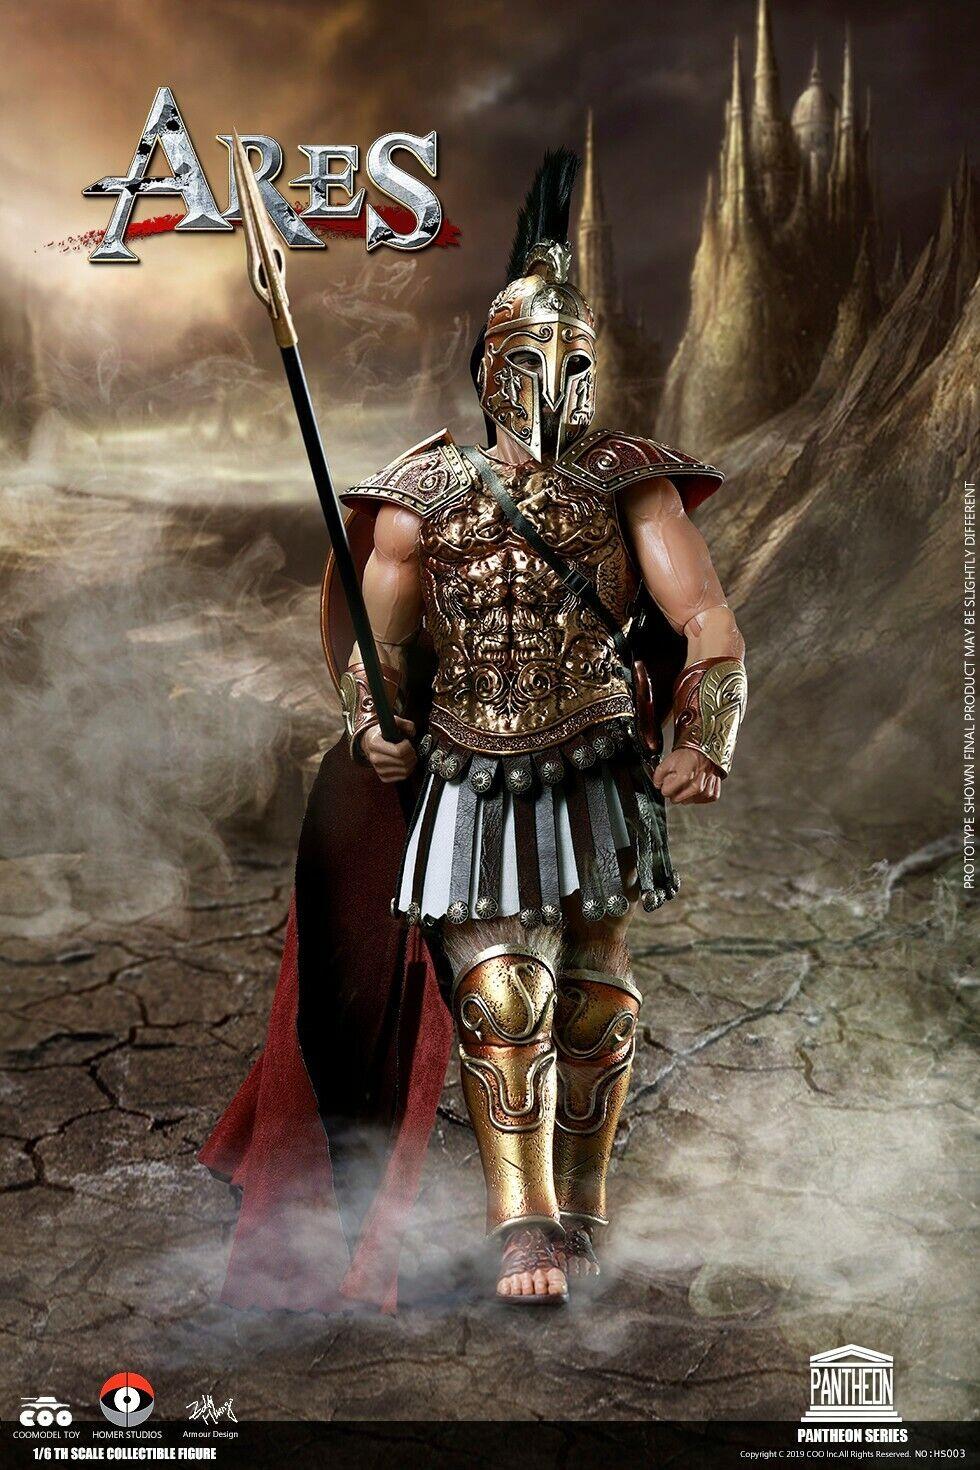 COOMODEL X HOMER 1 6 Pantheon Ares Action Figure GOD OF WAR Model Set HS003 Toy